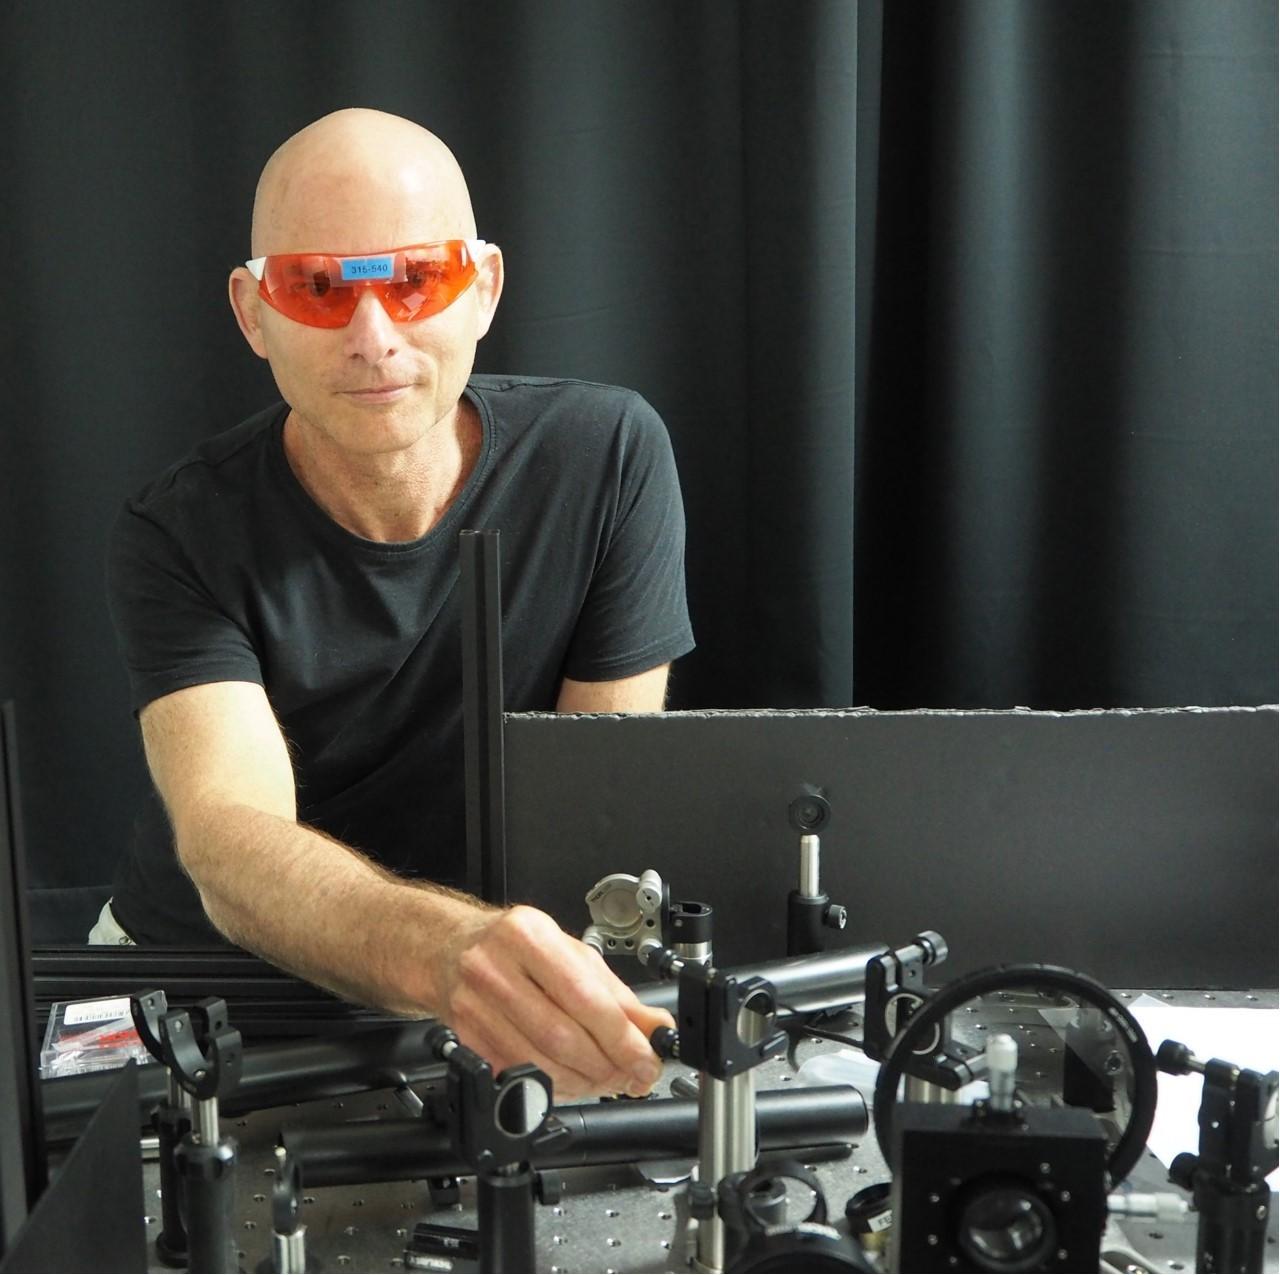 פרופ' גיא ברטל - ראש המעבדה למחקר פוטוני מתקדם בפקולטה להנדסת חשמל ומחשבים ע